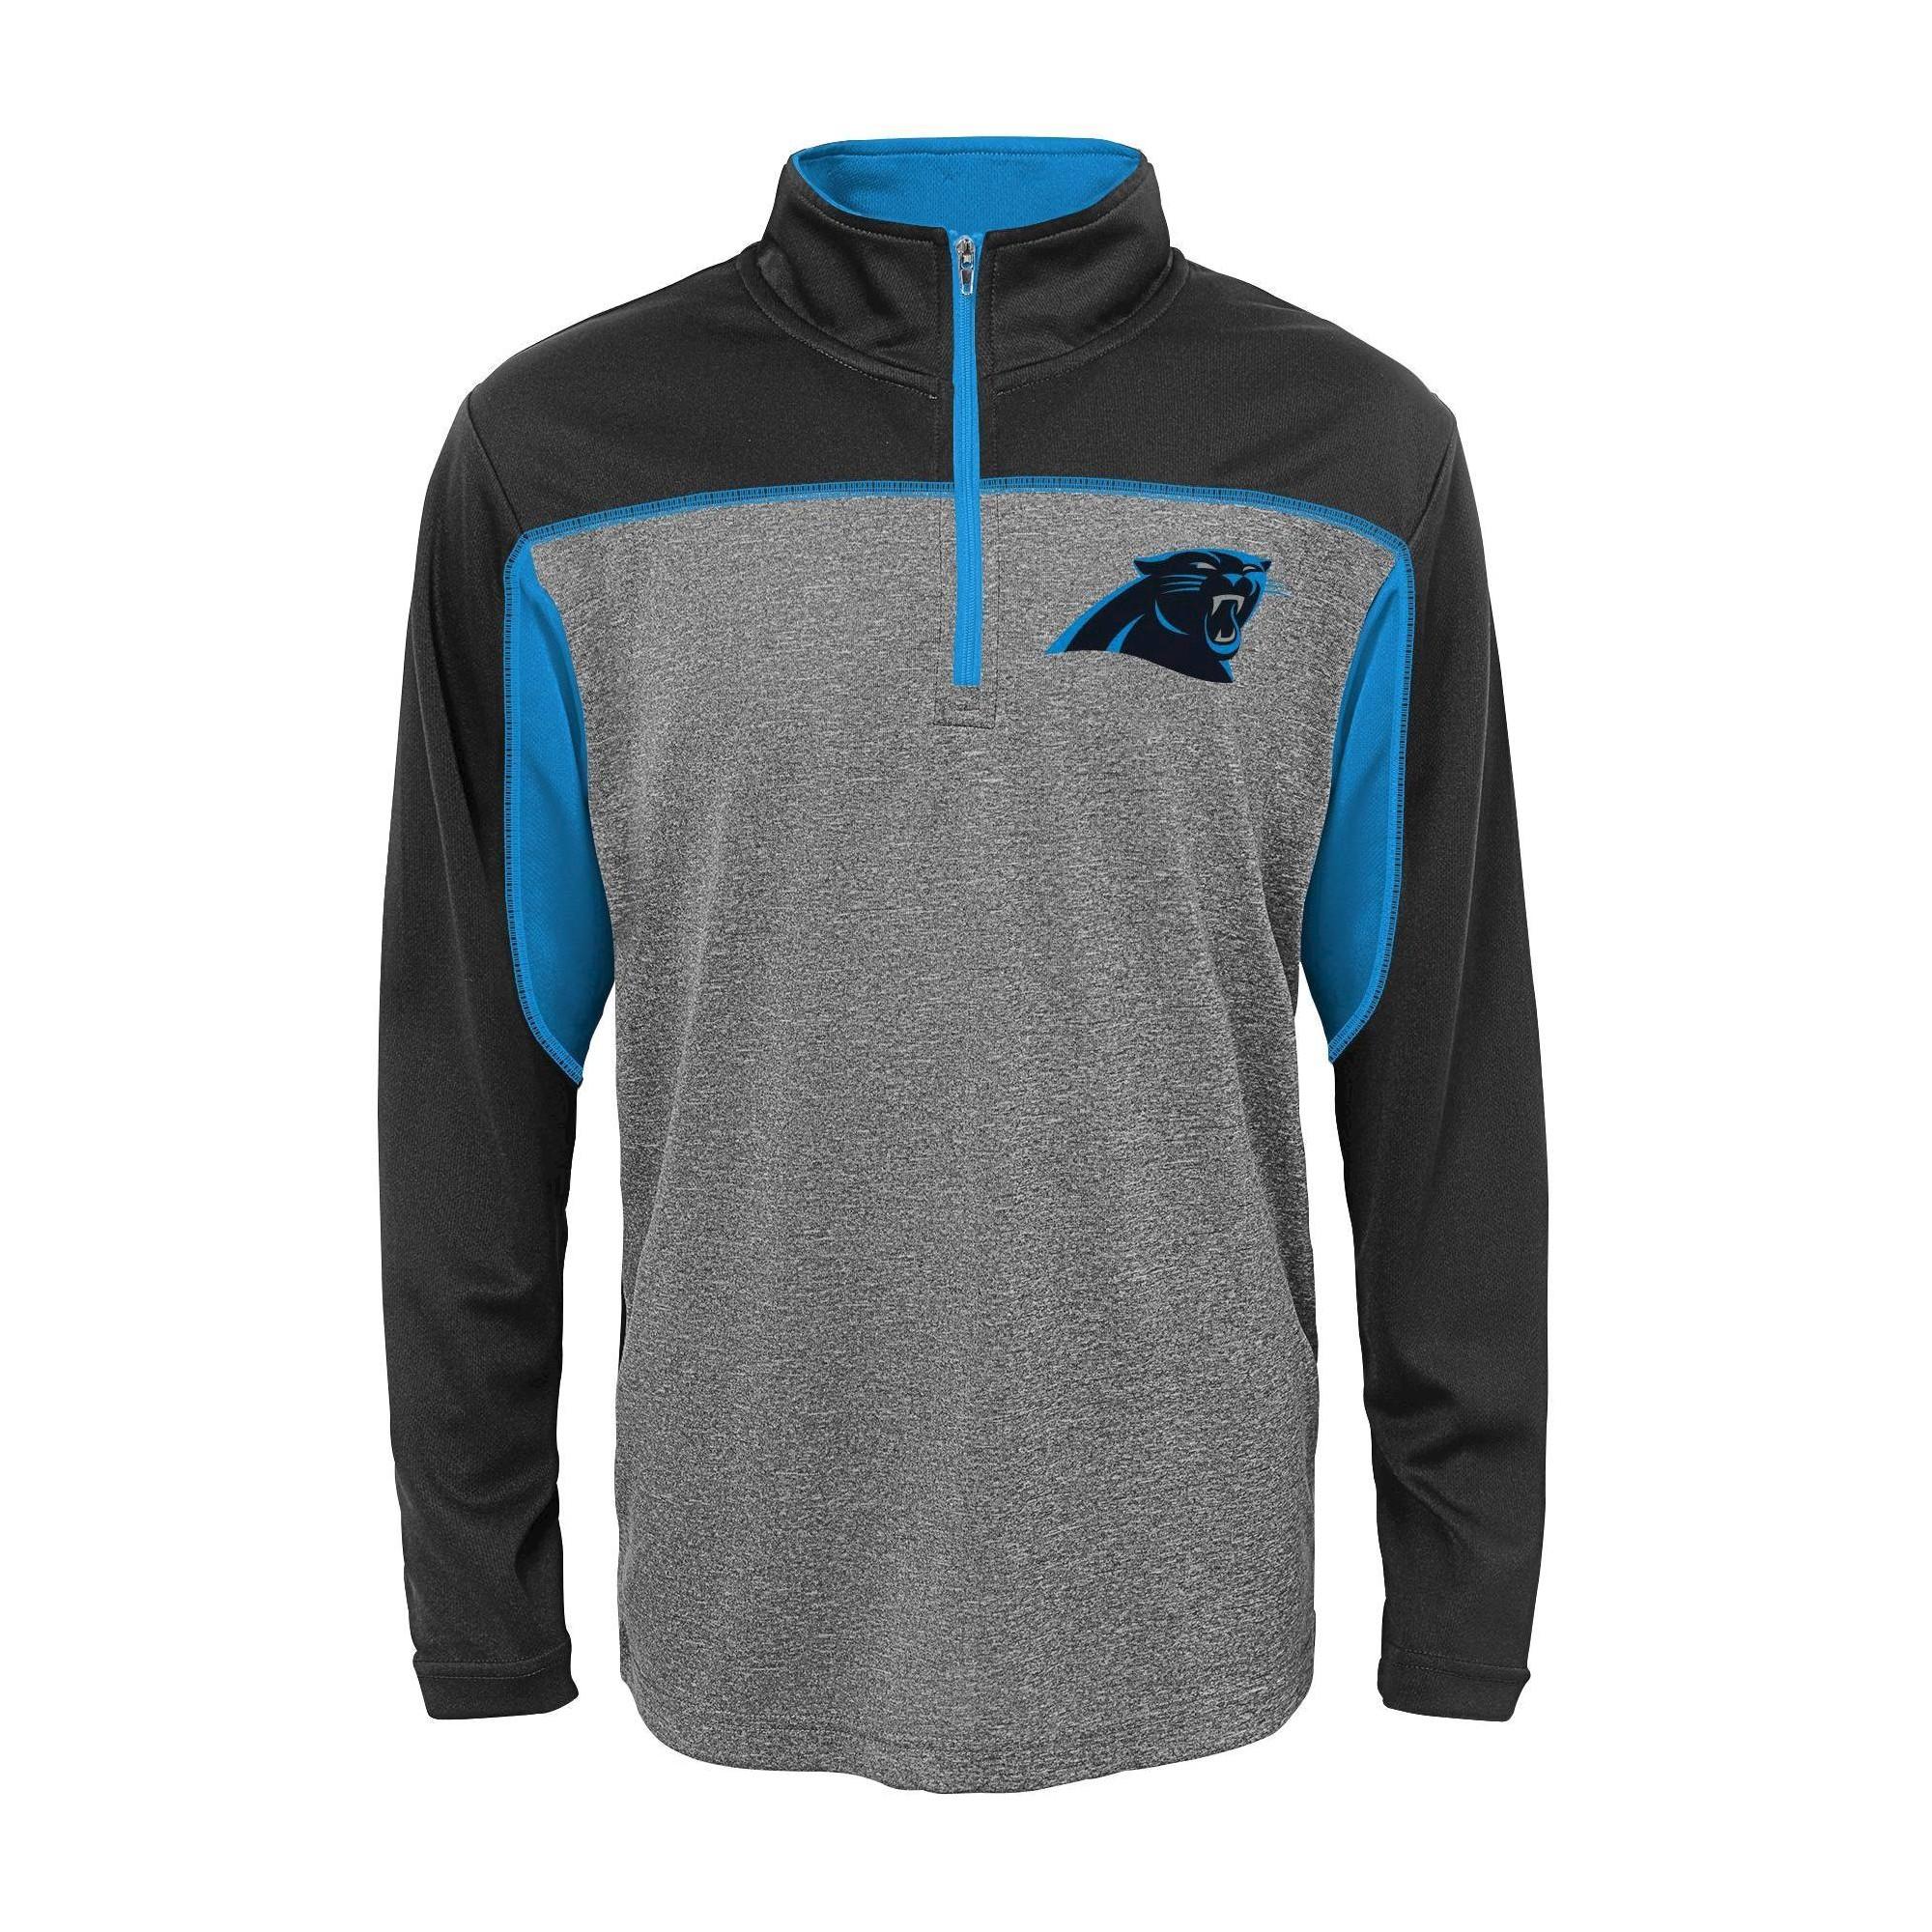 official photos 5e315 f15d6 Carolina Panthers Boys' Quarter Zip-Up Sweatshirt M, Boy's ...